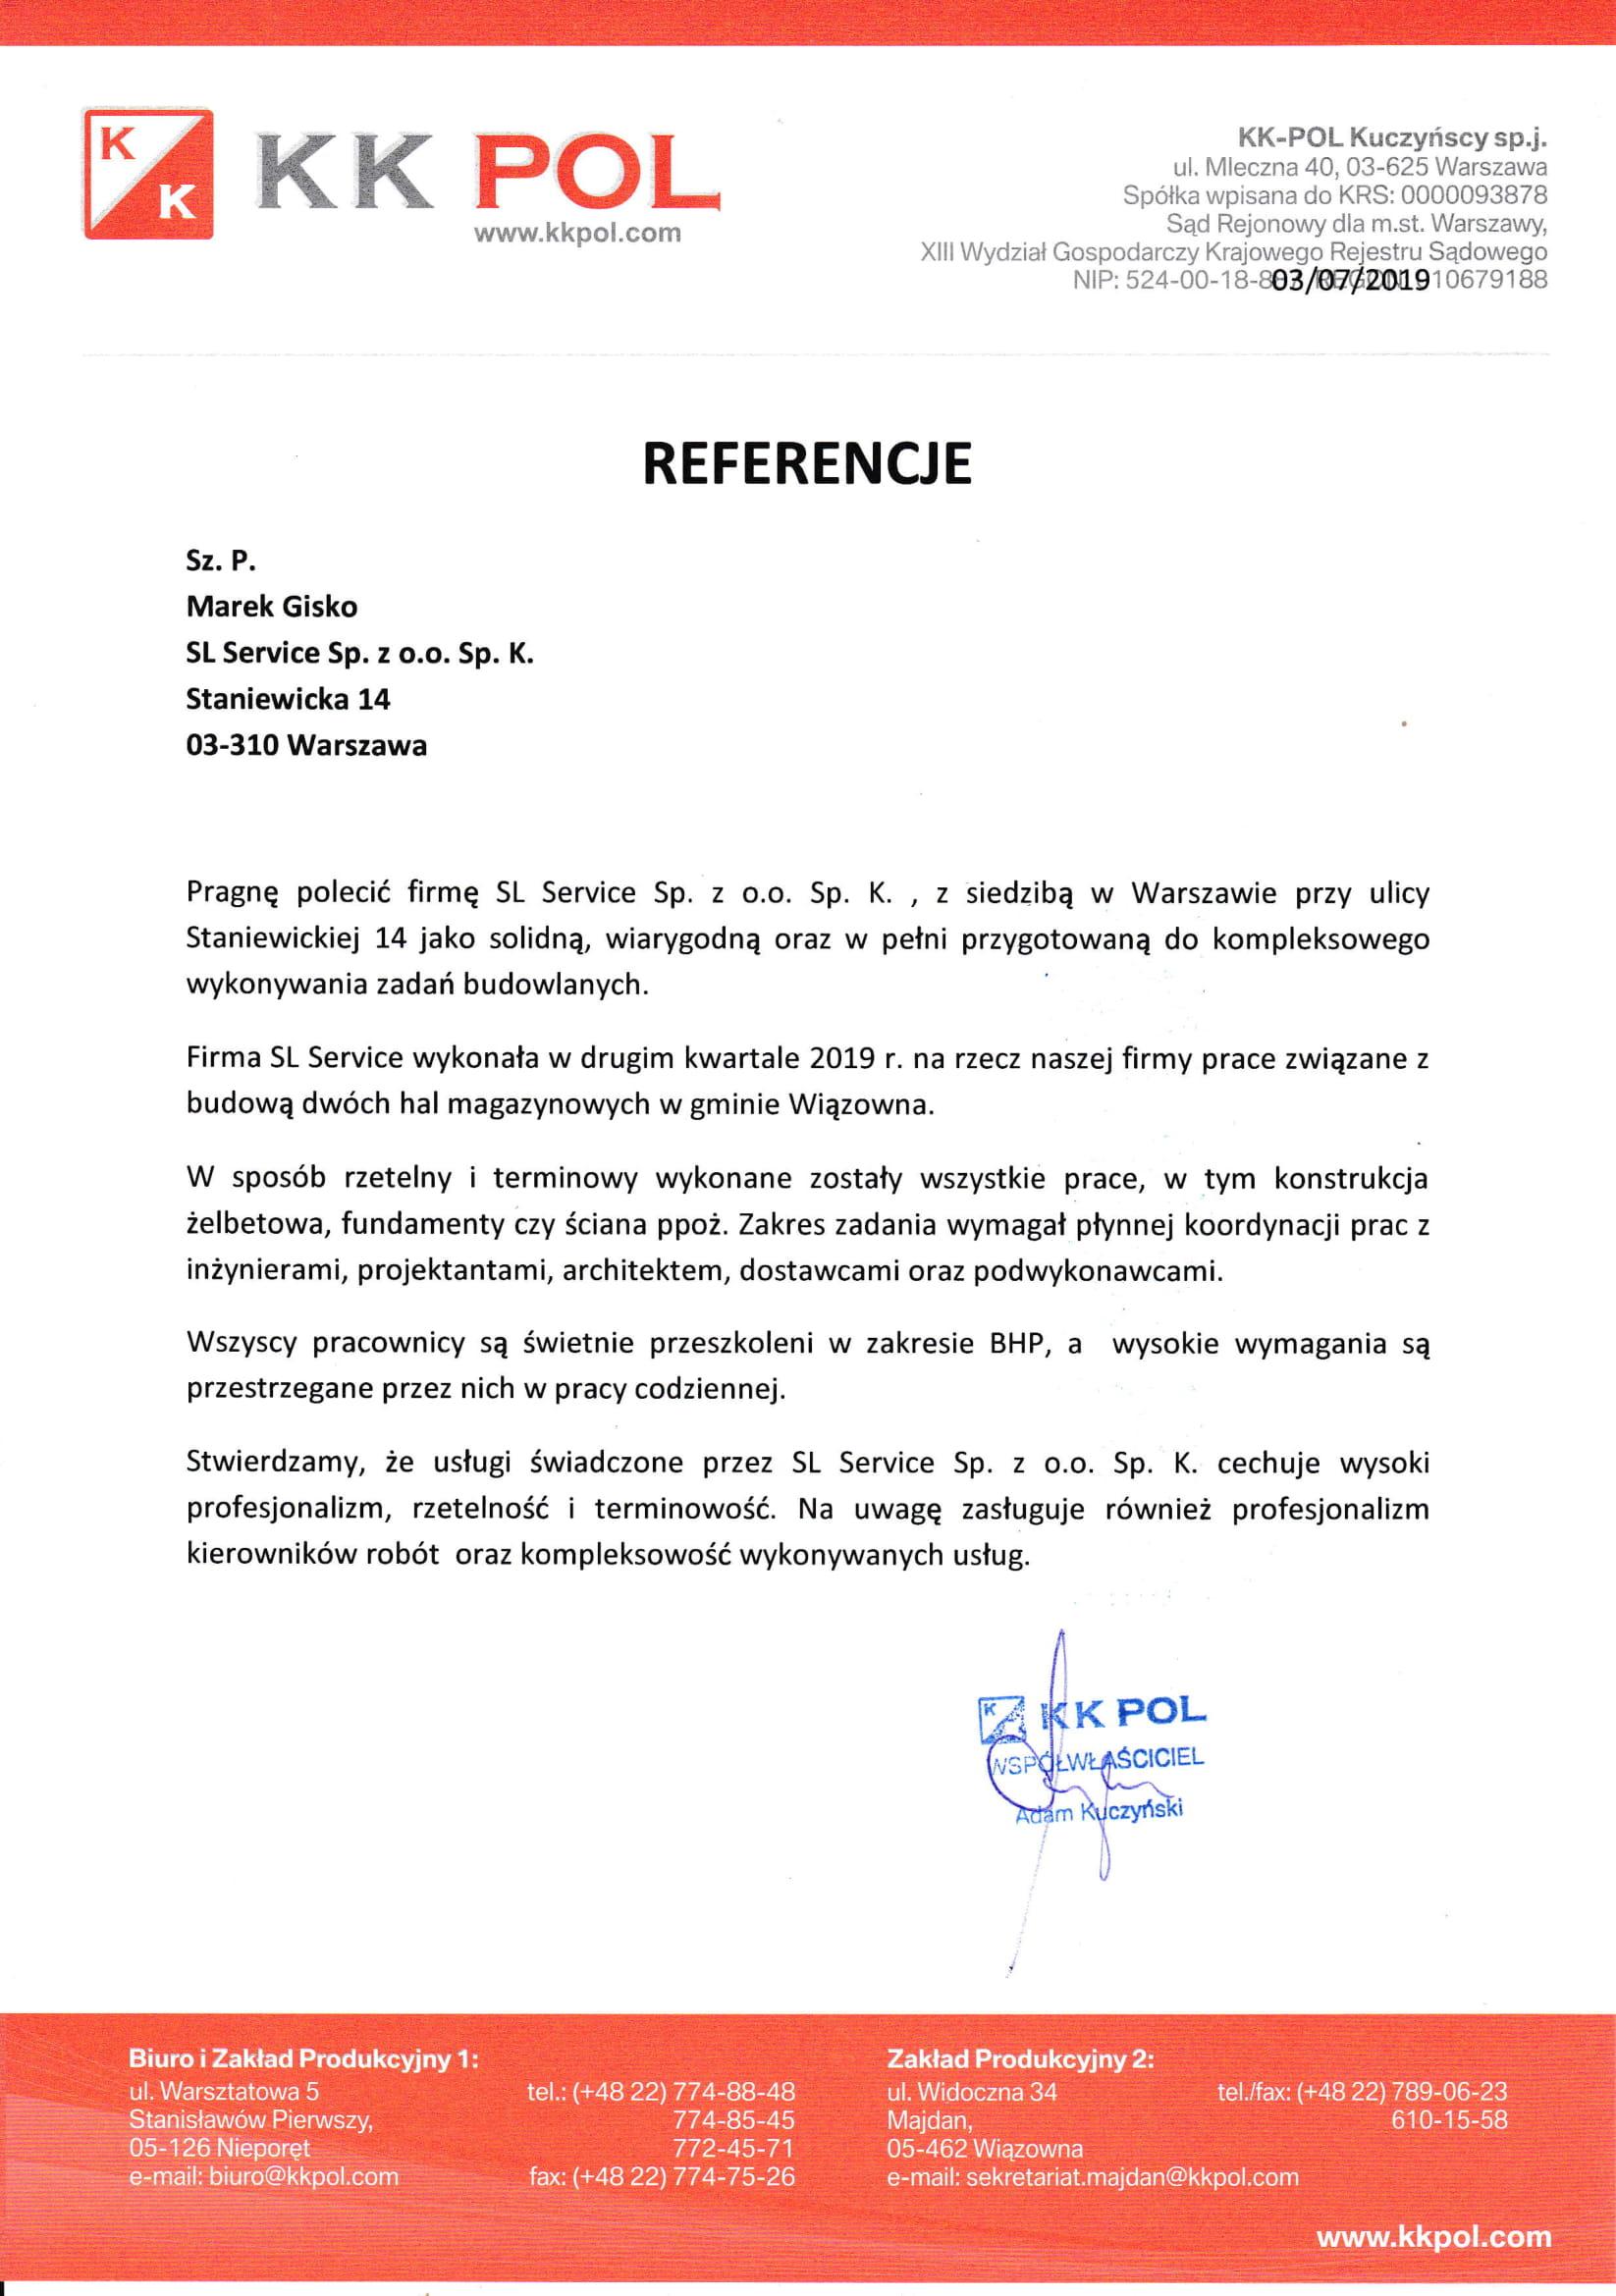 referencje-kk-pol